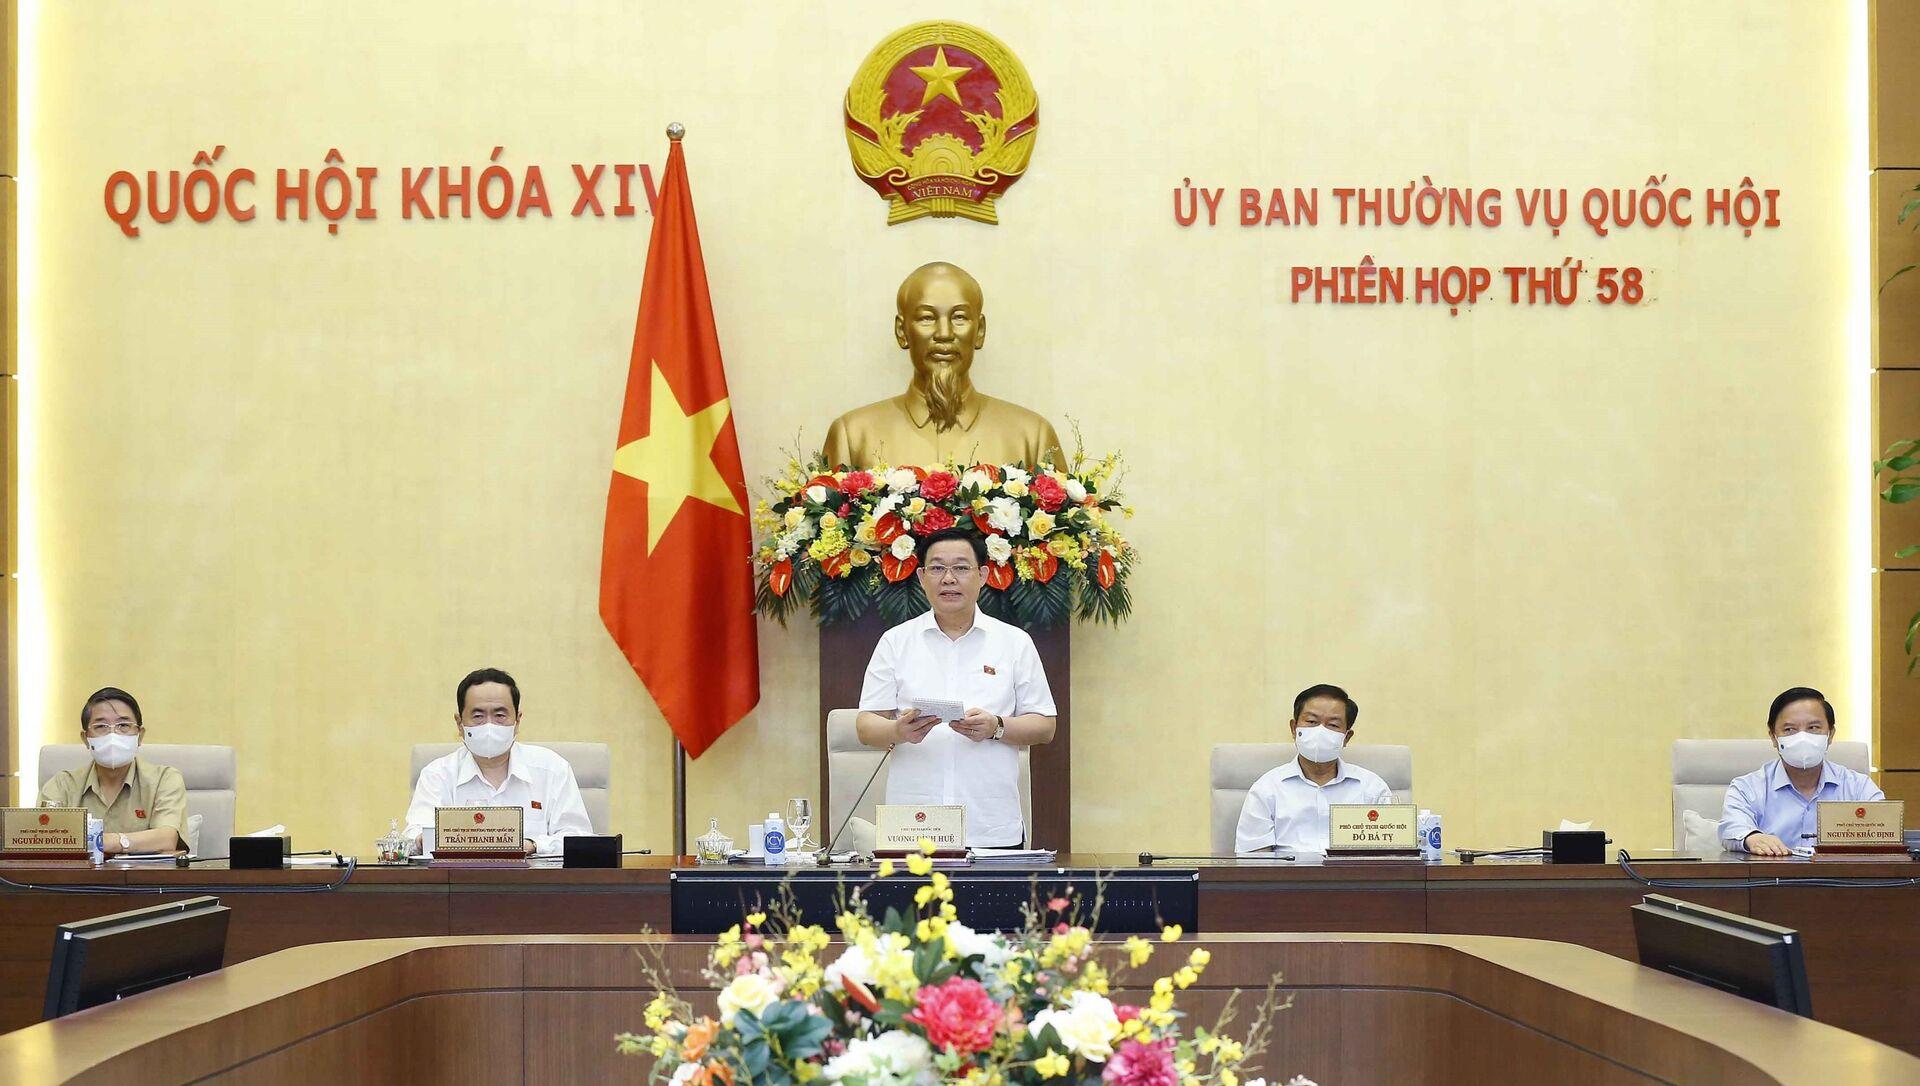 Chủ tịch Quốc hội Vương Đình Huệ phát biểu bế mạc Phiên họp thứ 58 của Ủy ban Thường vụ Quốc hội. - Sputnik Việt Nam, 1920, 14.07.2021